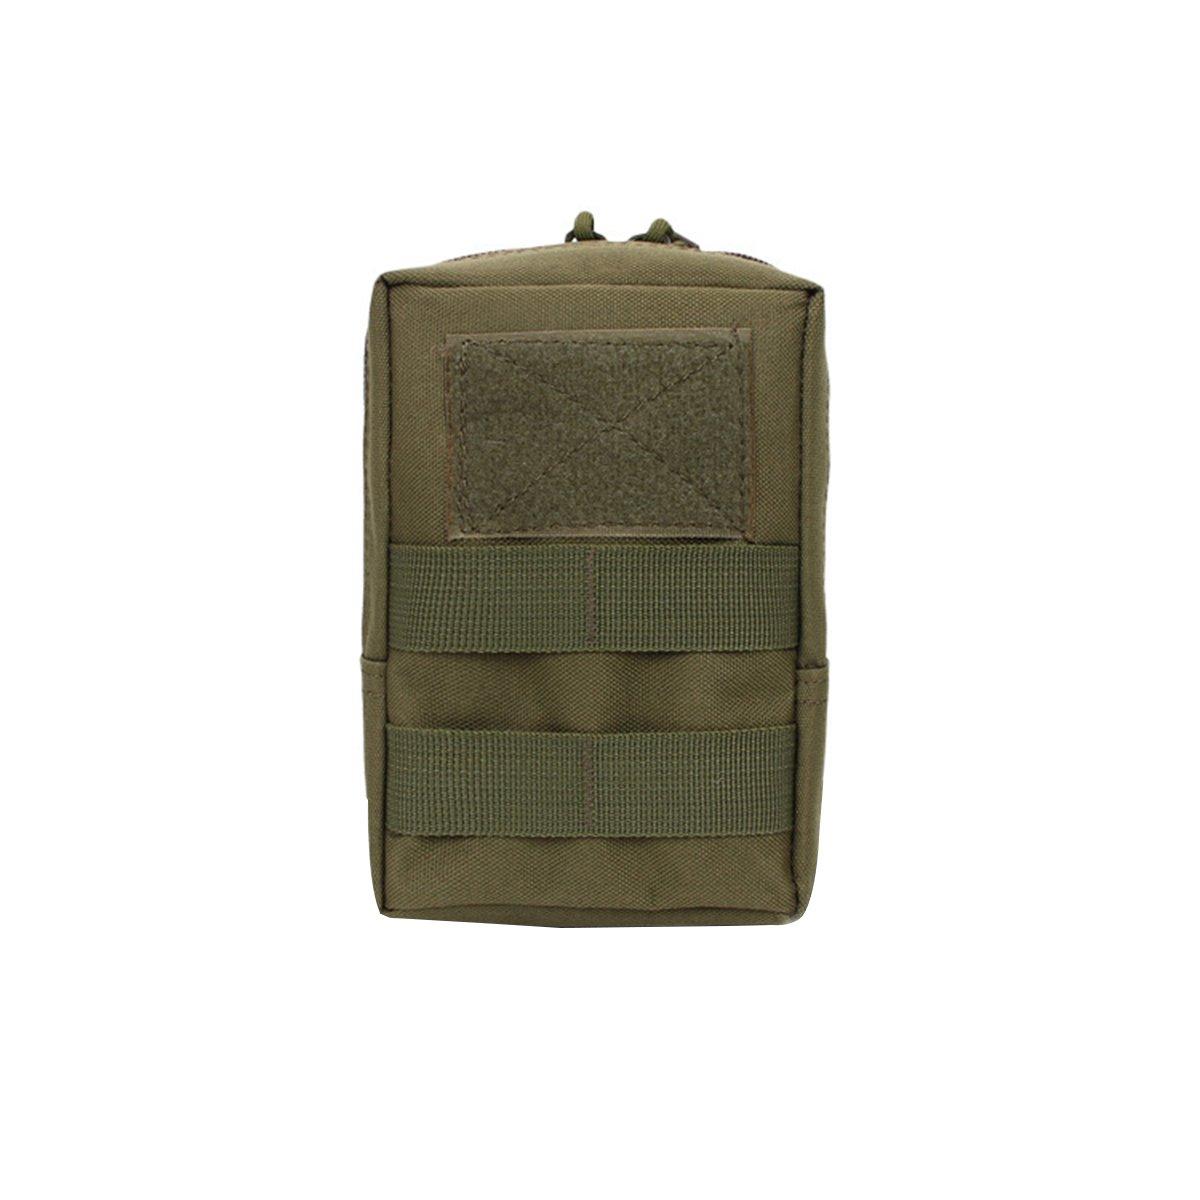 verde ej/ército WINOMO Bolsa de Cintura Militar Impermeable Bolsa Compacta Molle Ri/ñonera para Herramientas